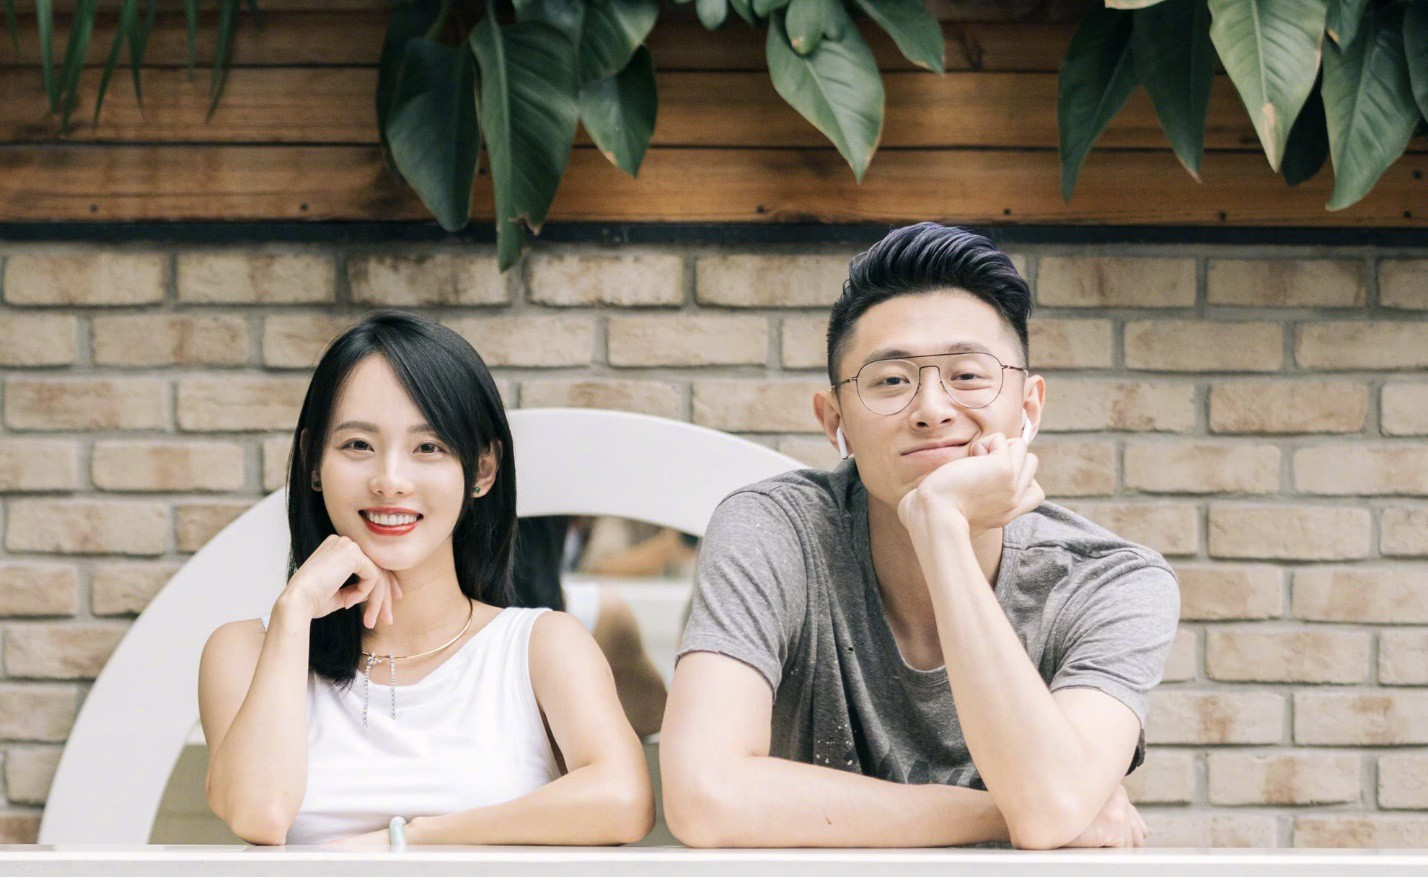 Nữ diễn viên hiện nay đã kết hôn với nam diễn viên TVB Phương Trung Tín. Cặp đôi cách nhau 24 tuổi, cả hai có chung với nhau một cậu con trai đầu lòng.